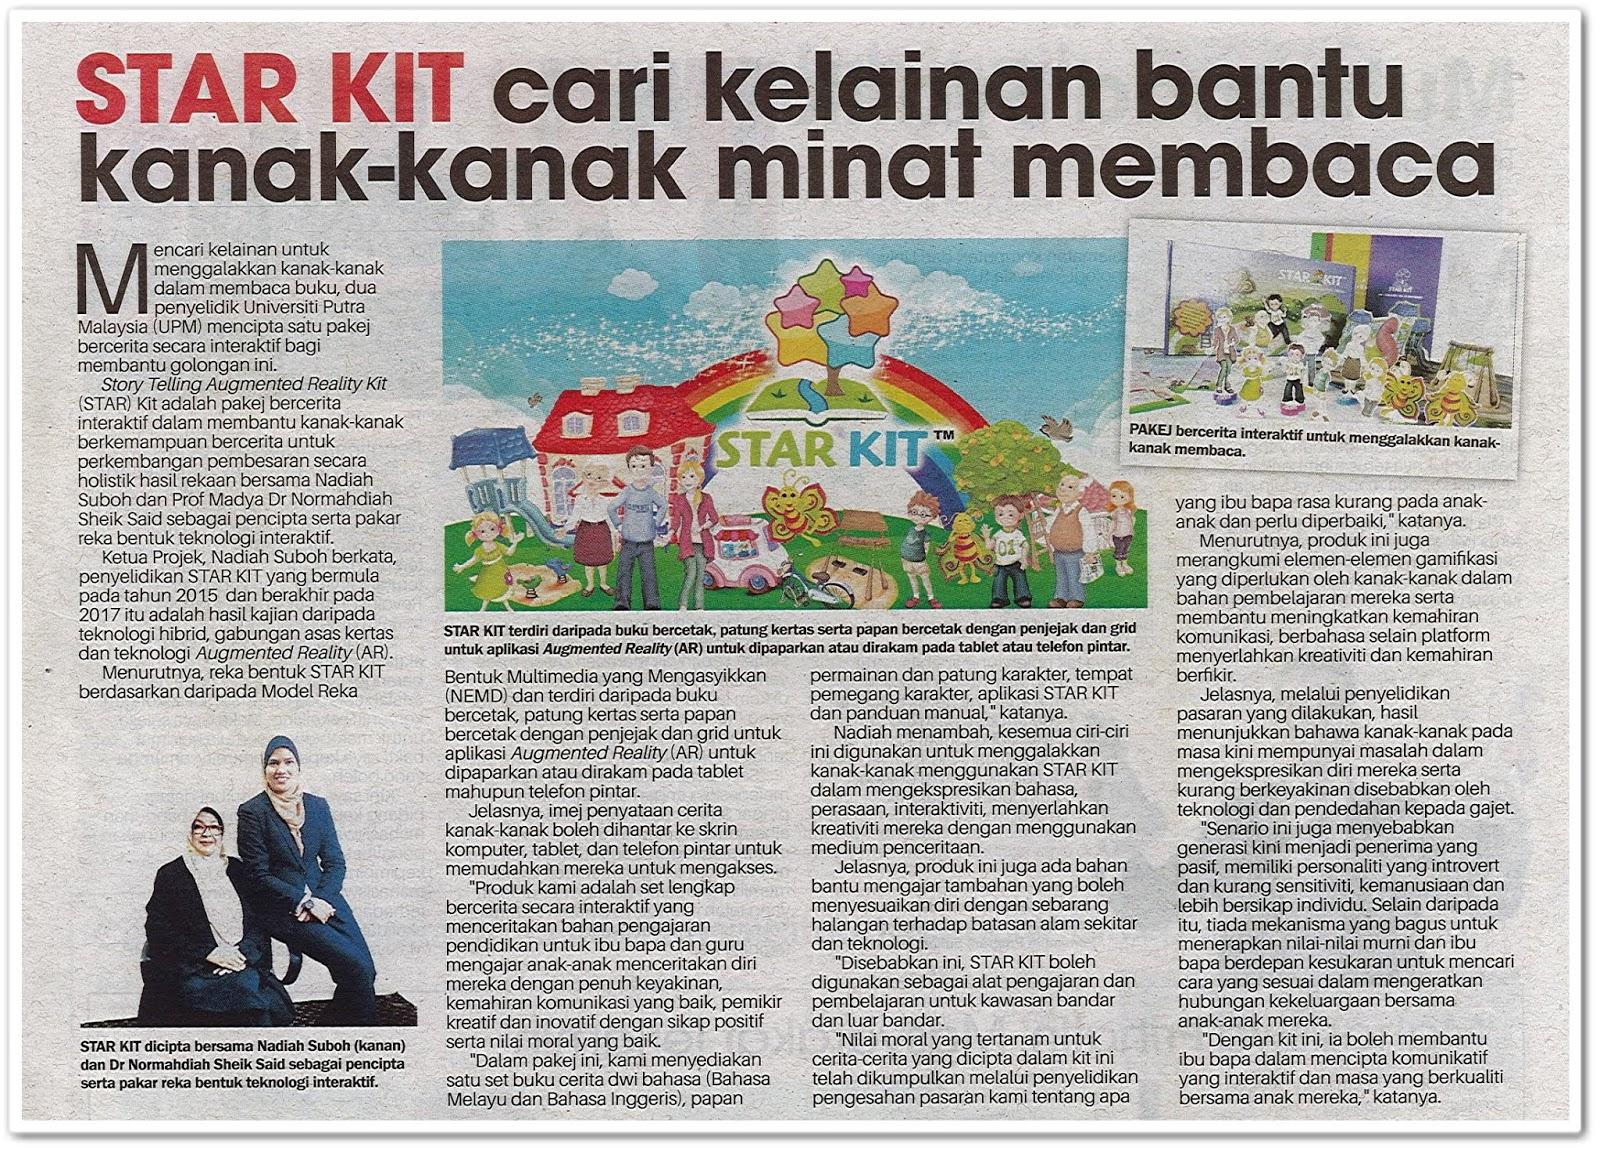 STAR KIT cari kelainan bantu kanak-kanak minat membaca - Keratan akhbar Sinar Harian 14 Mei 2019